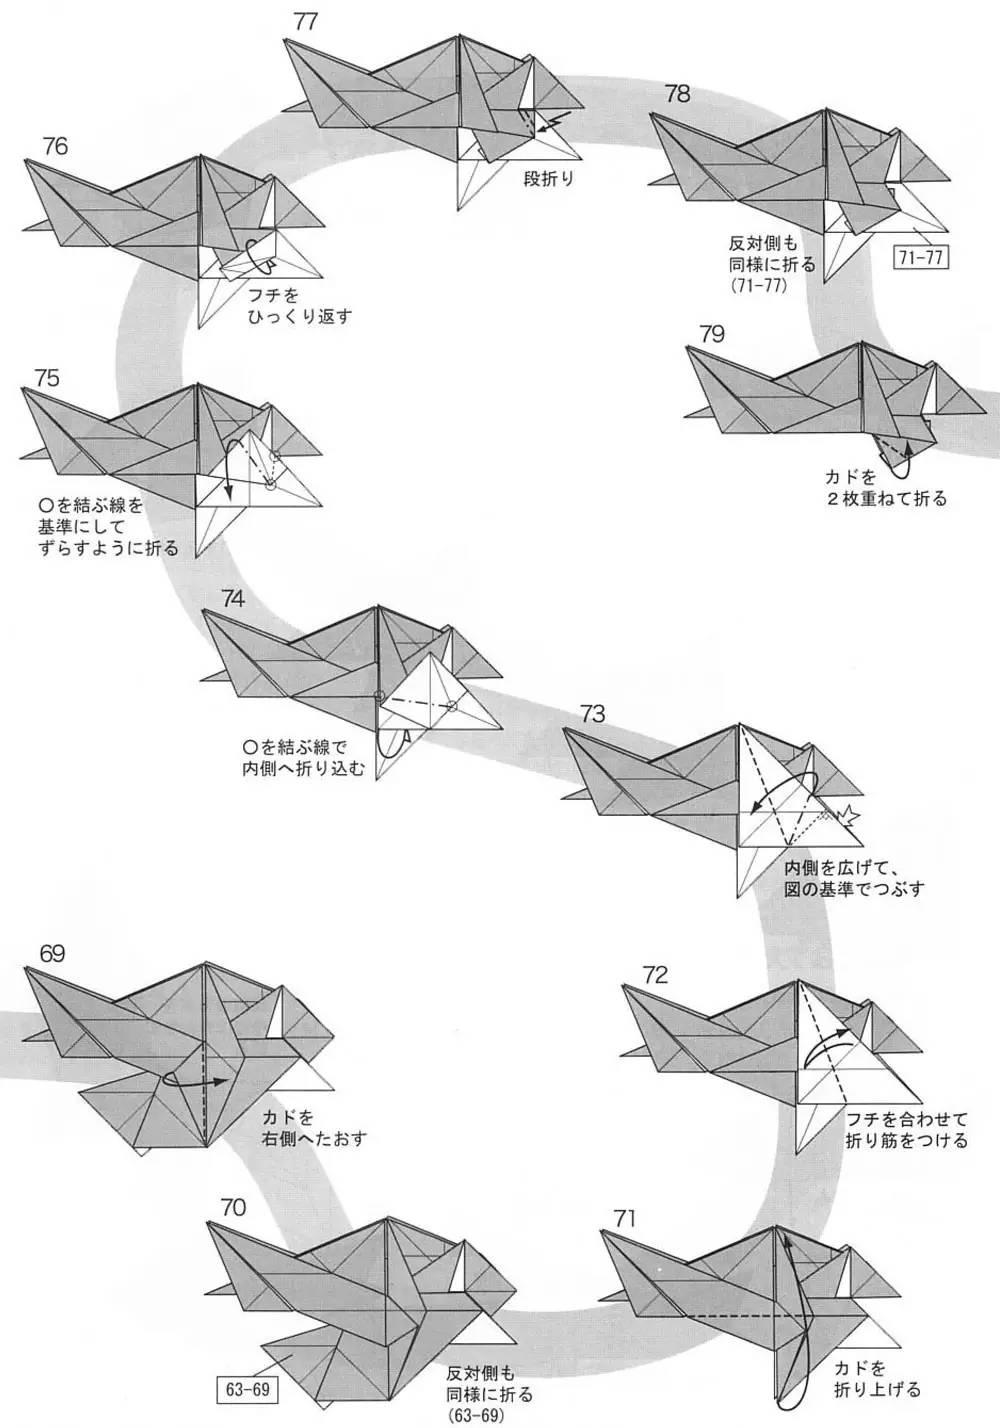 高难度折纸鲨鱼步骤图解